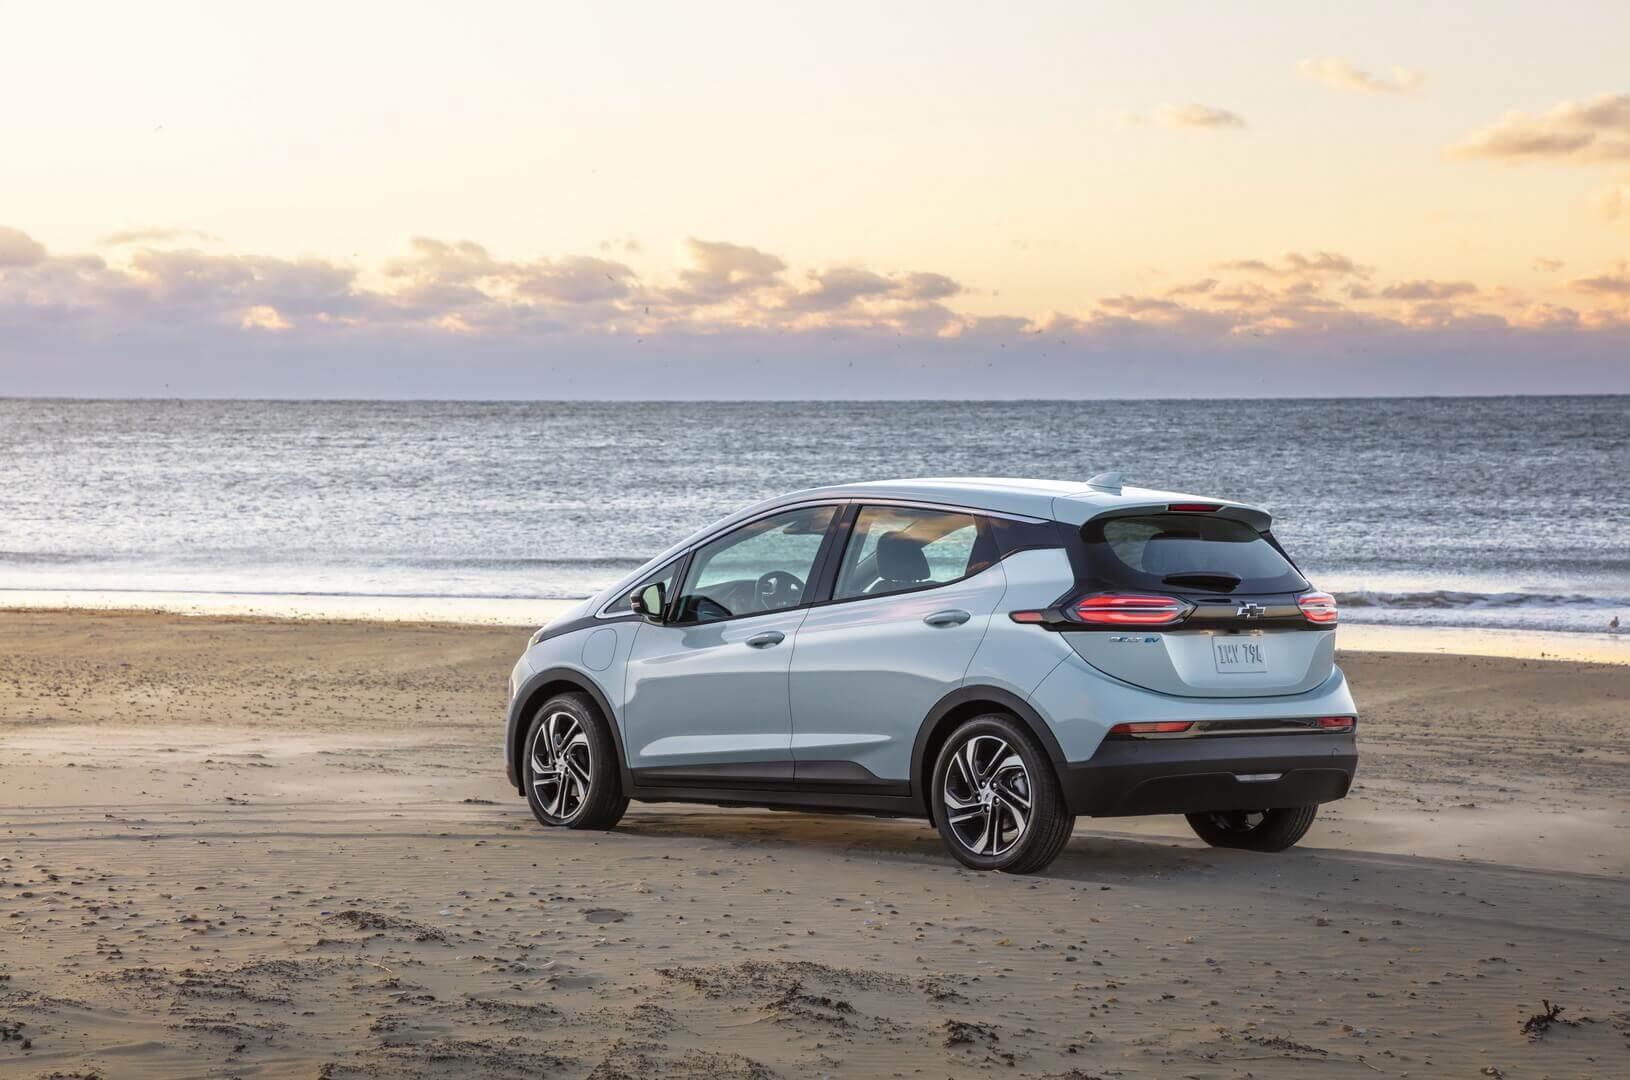 Отзыв более 140000 электромобилей Chevrolet Bolt EV/EUV обойдетсяGM впримерно $1,8 млрд